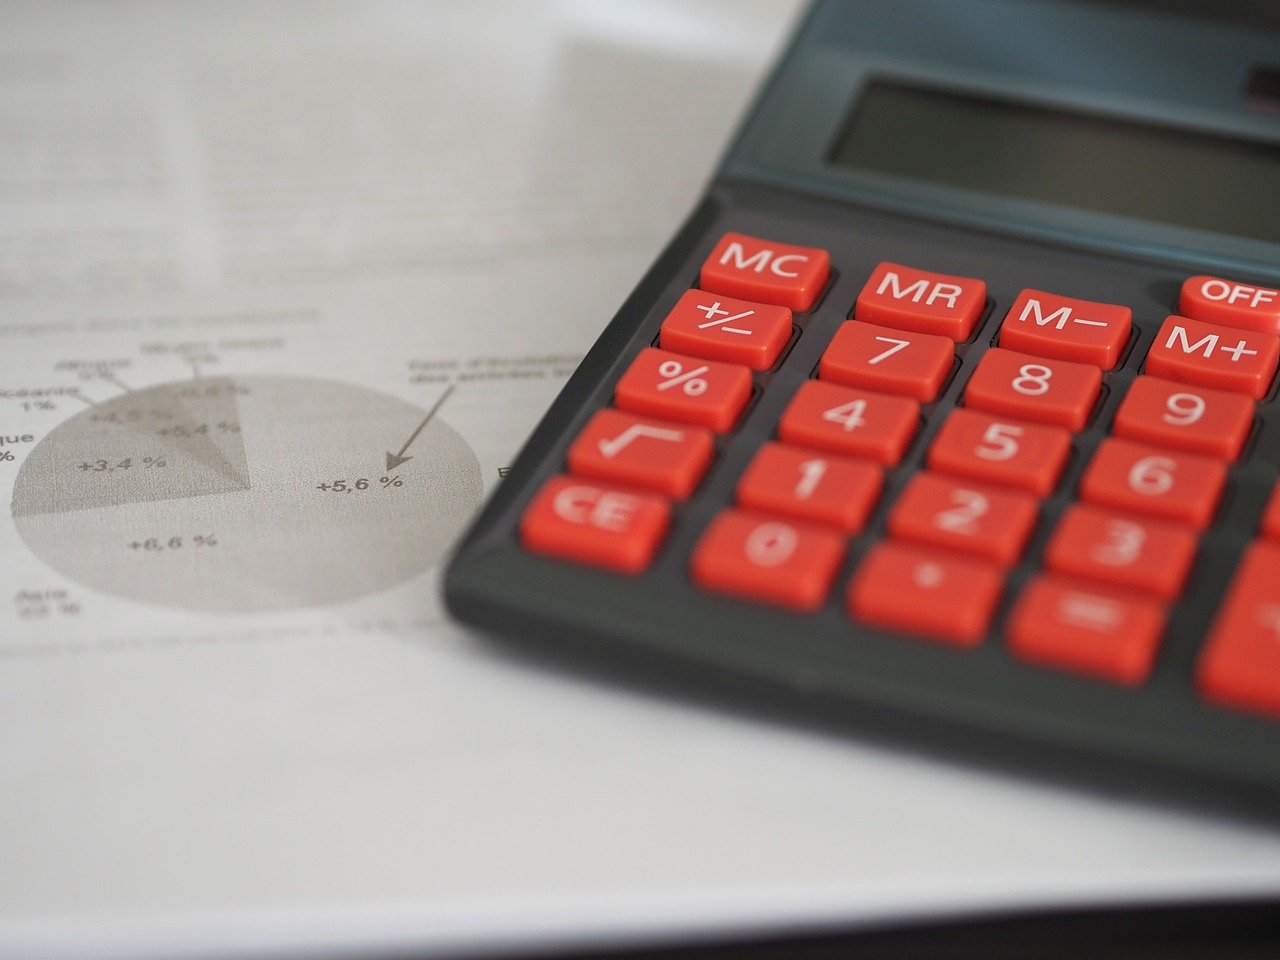 Φορολογικές δηλώσεις 2021: Μέχρι πότε μπορούν να υποβάλλονται στο Taxisnet – Η διαδικασία